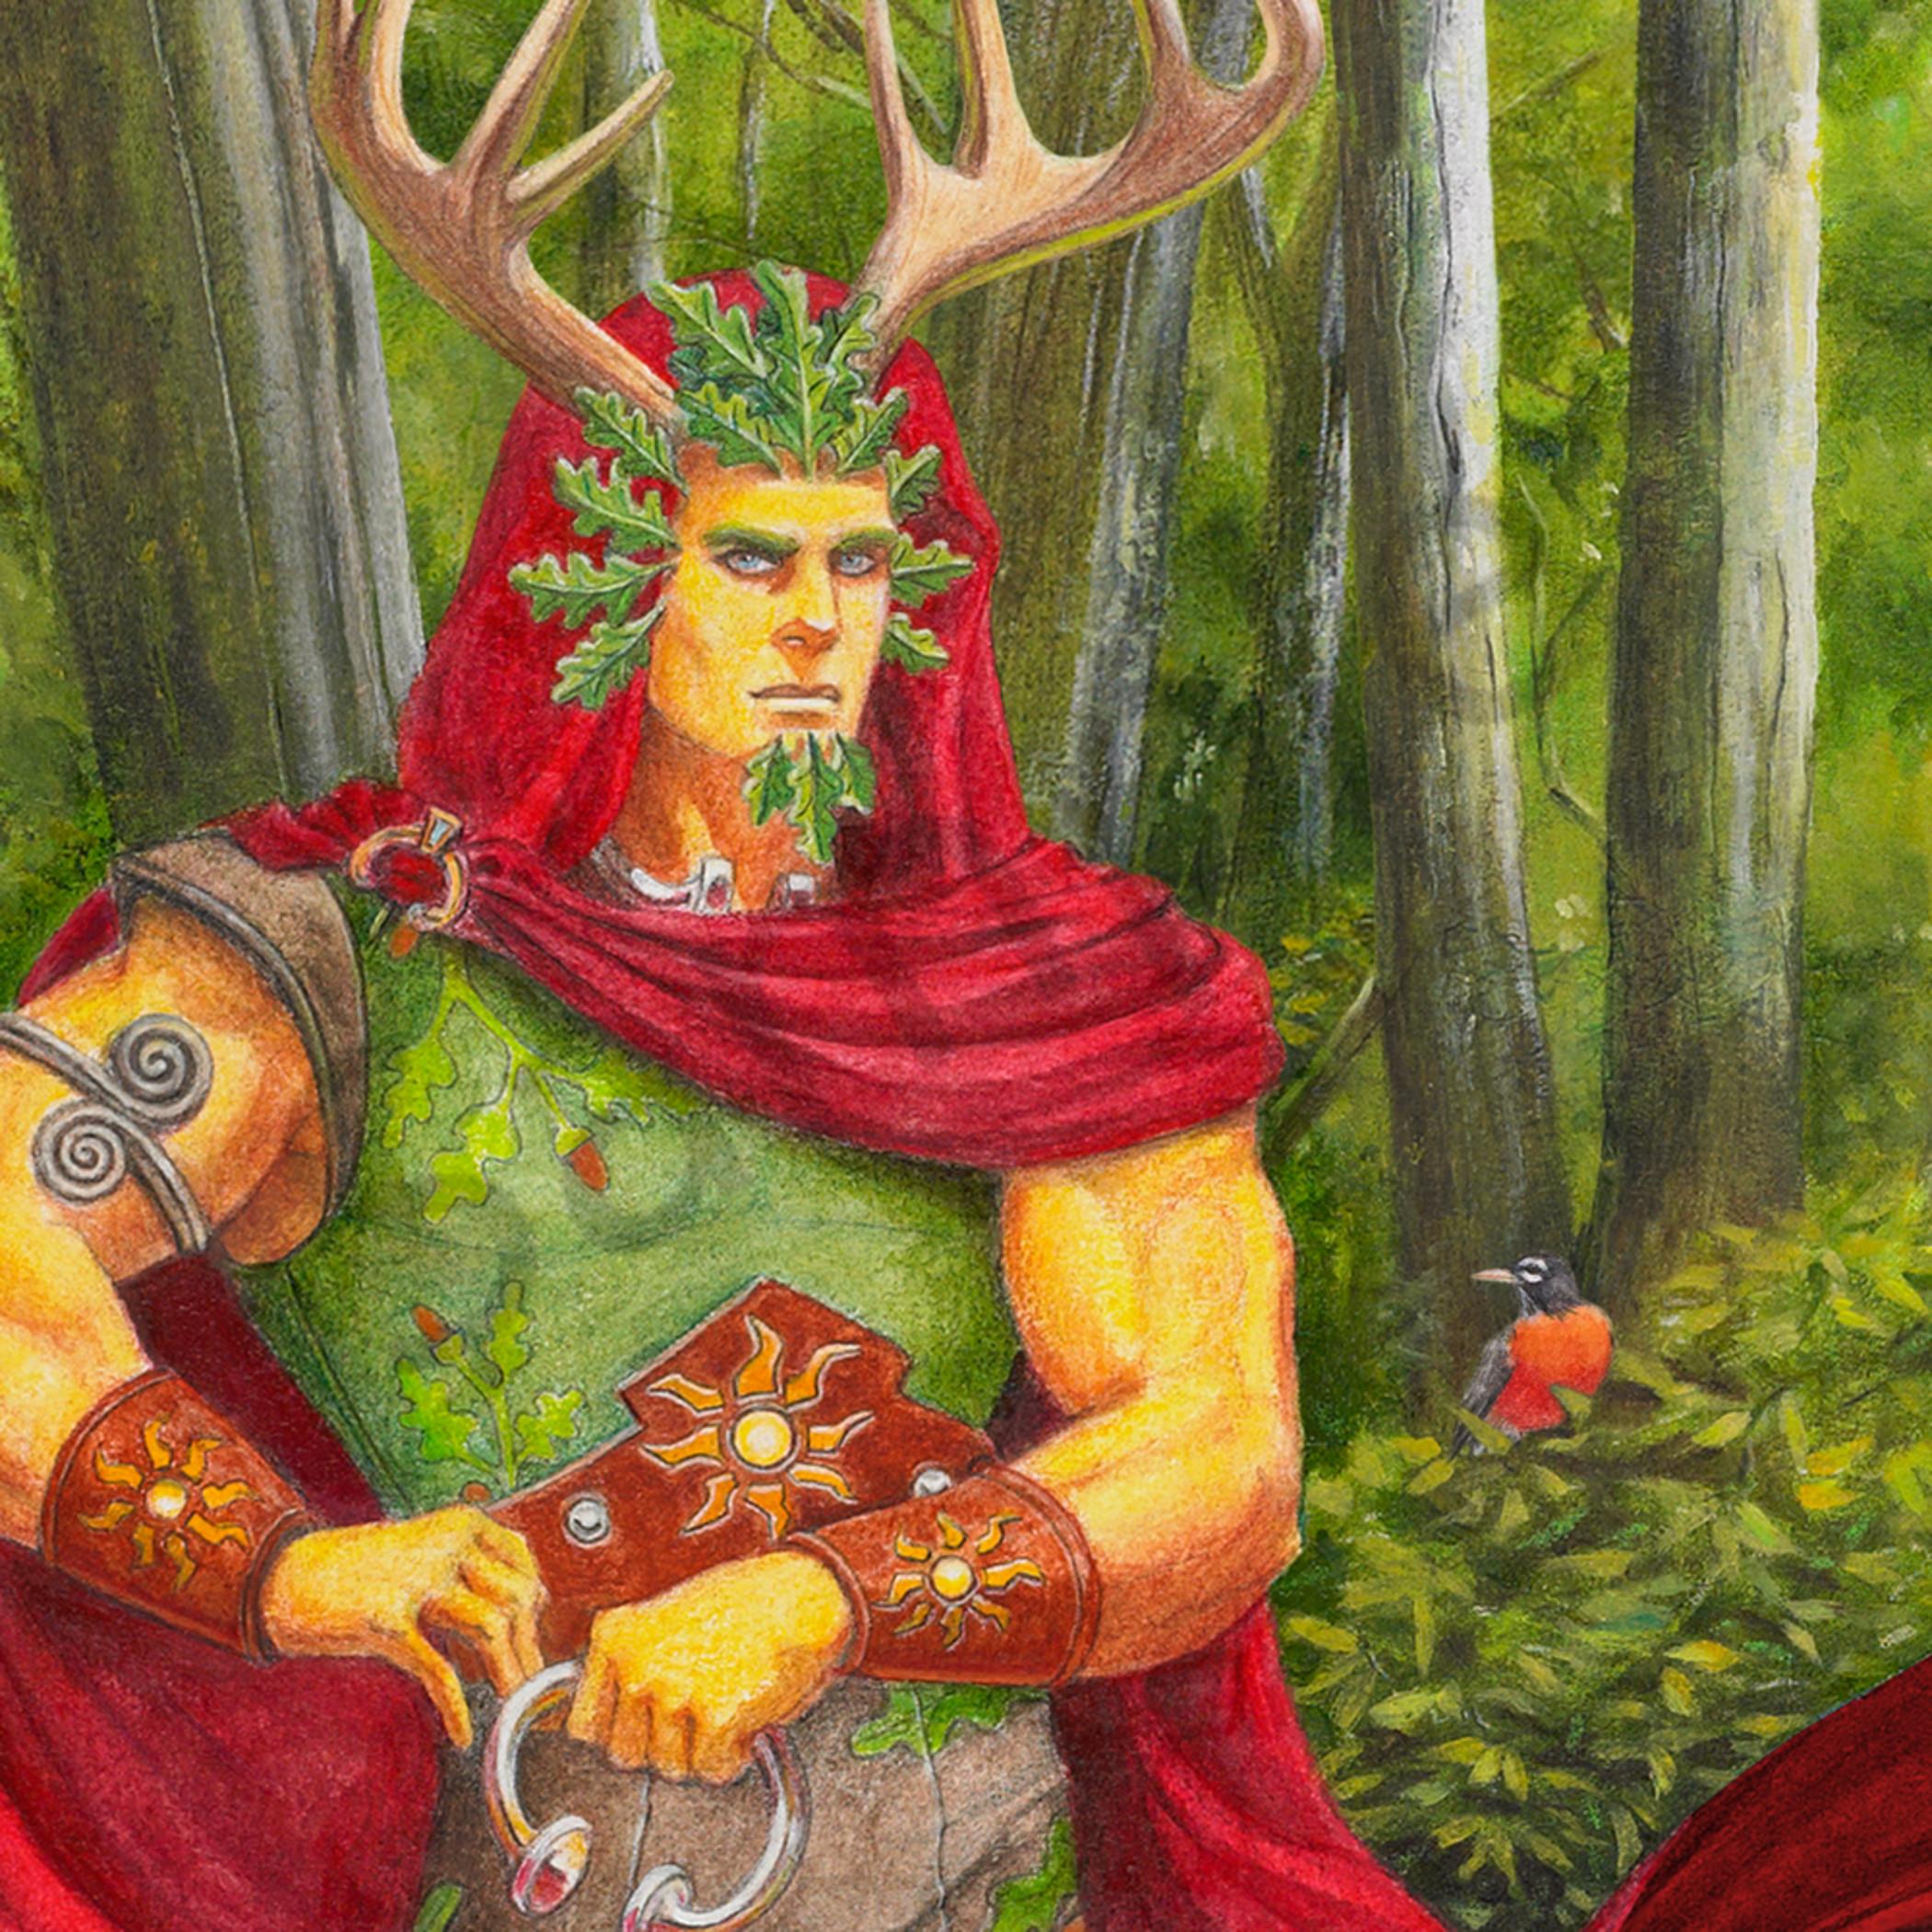 Oak king portrait rhxuvh